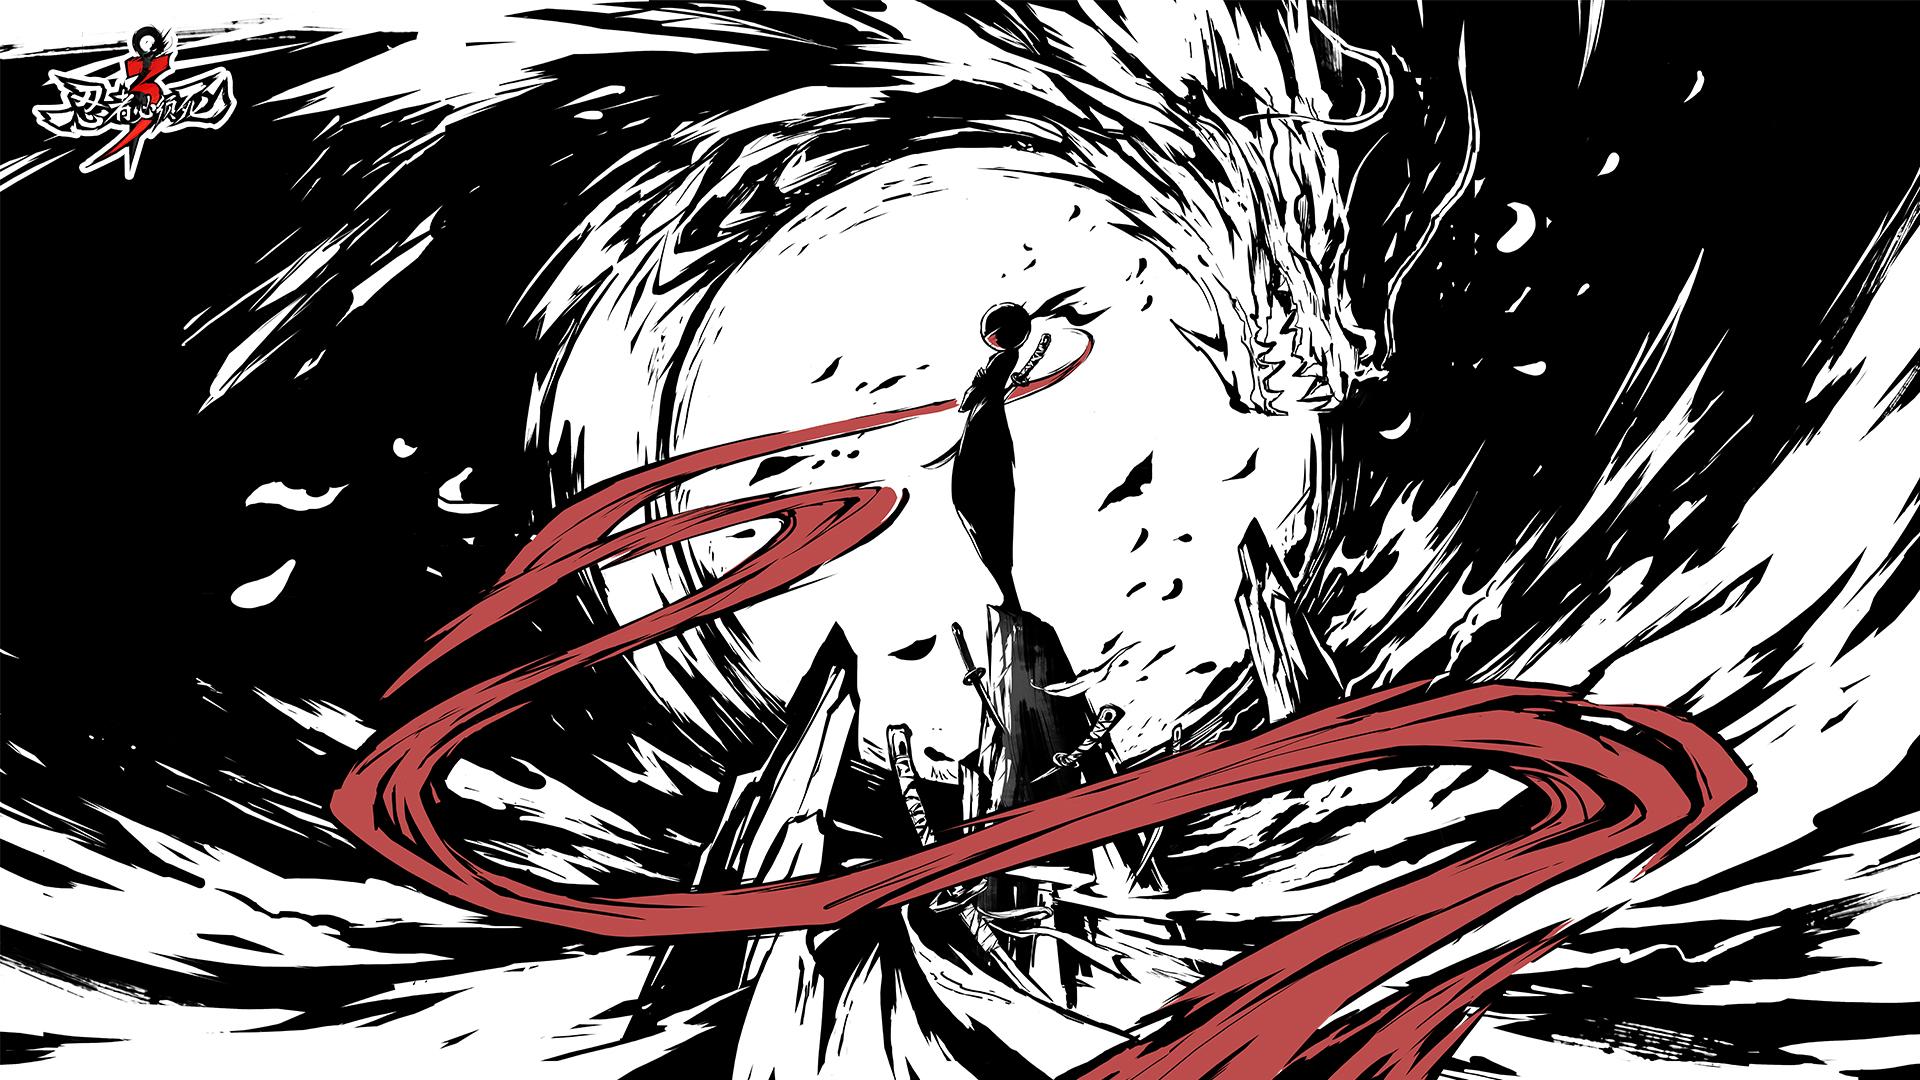 【攻略】《忍者必須死》四大忍者怎麼選?忍者種類選擇分析與介紹